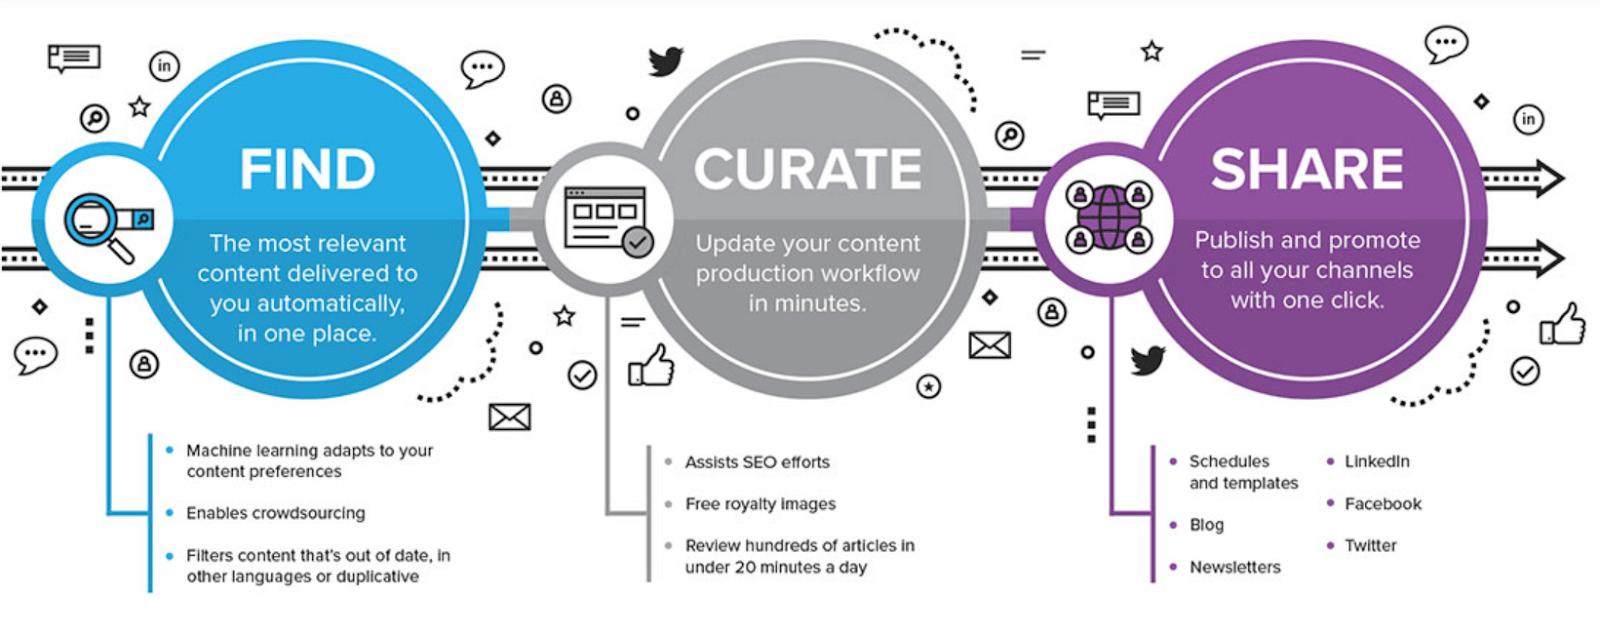 Curata Content Curation Tools